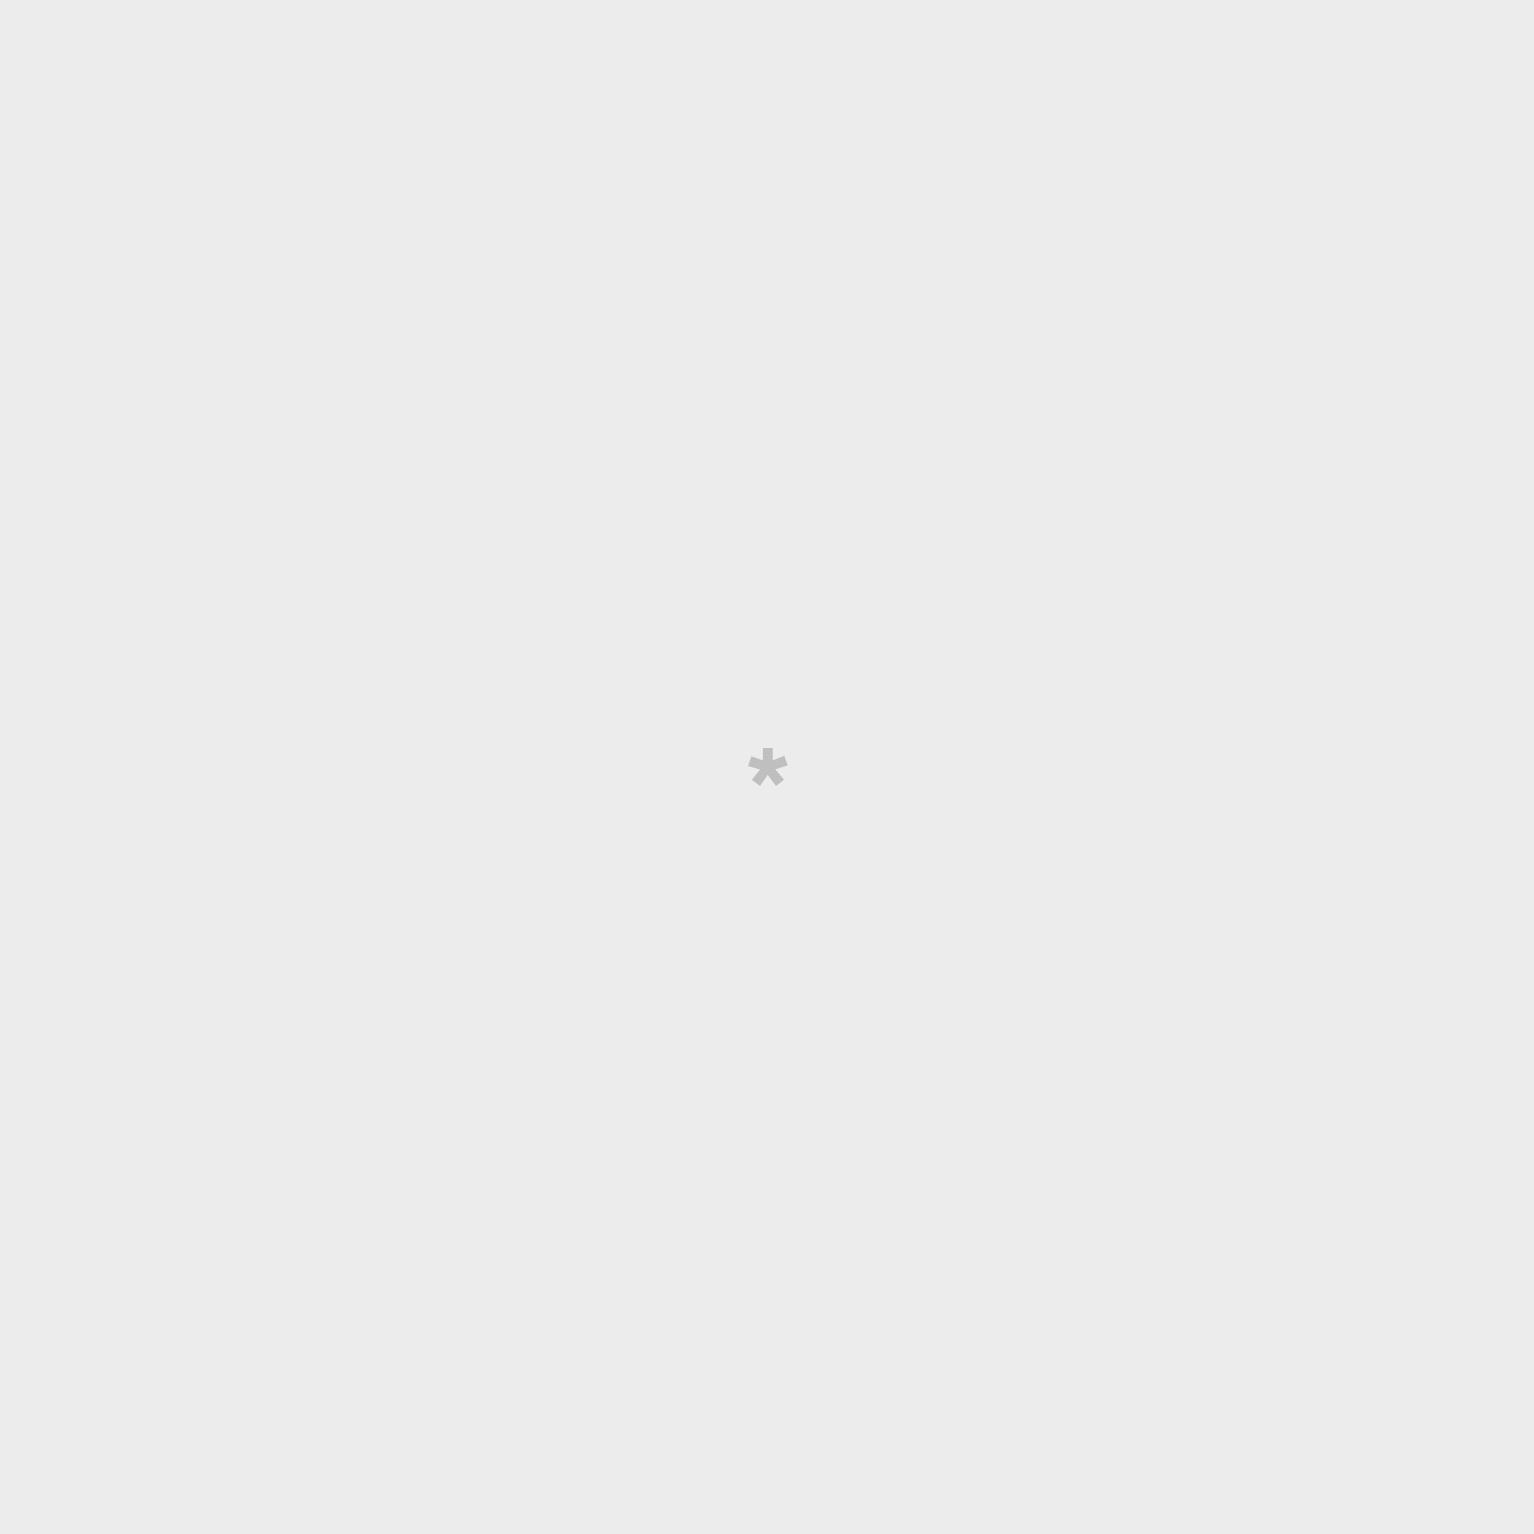 Planner settimanale - Ce la metterò tutta ogni giorno…